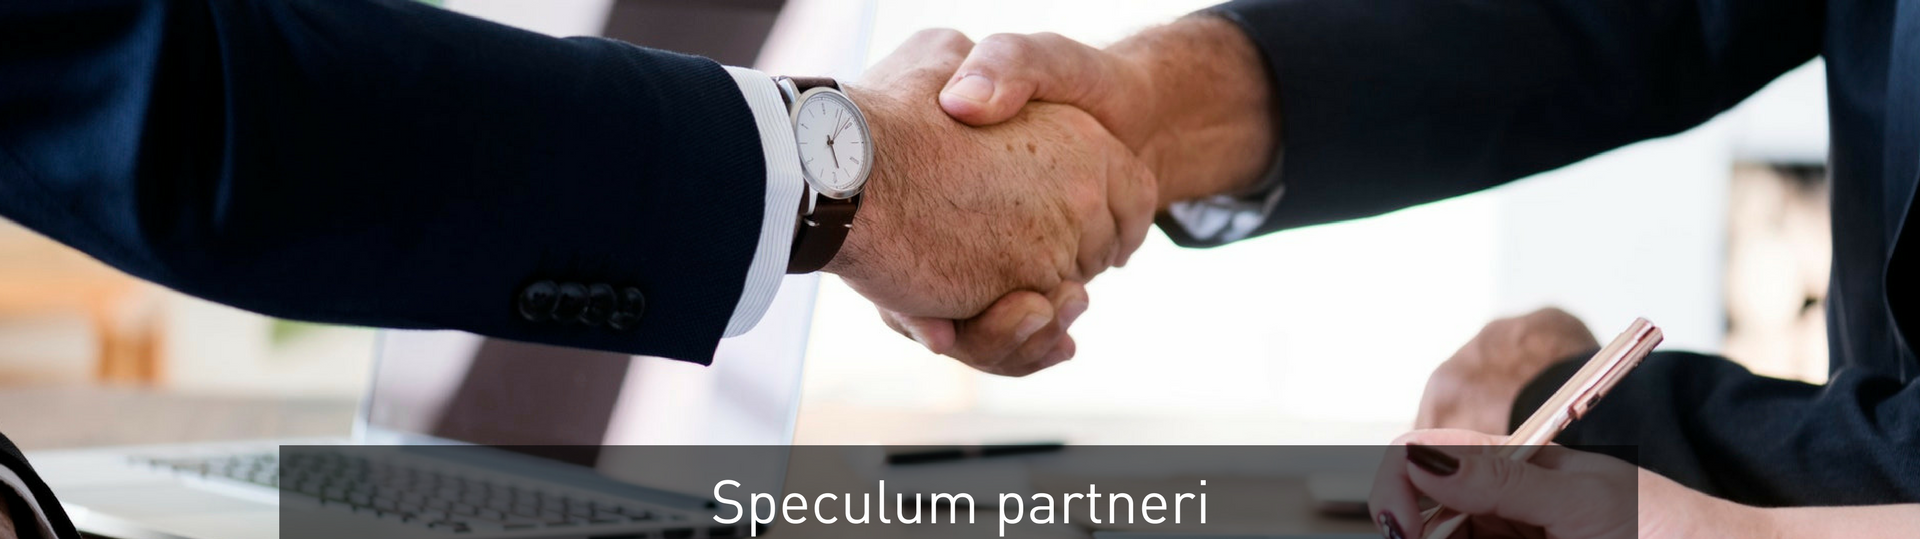 Speculum partneri